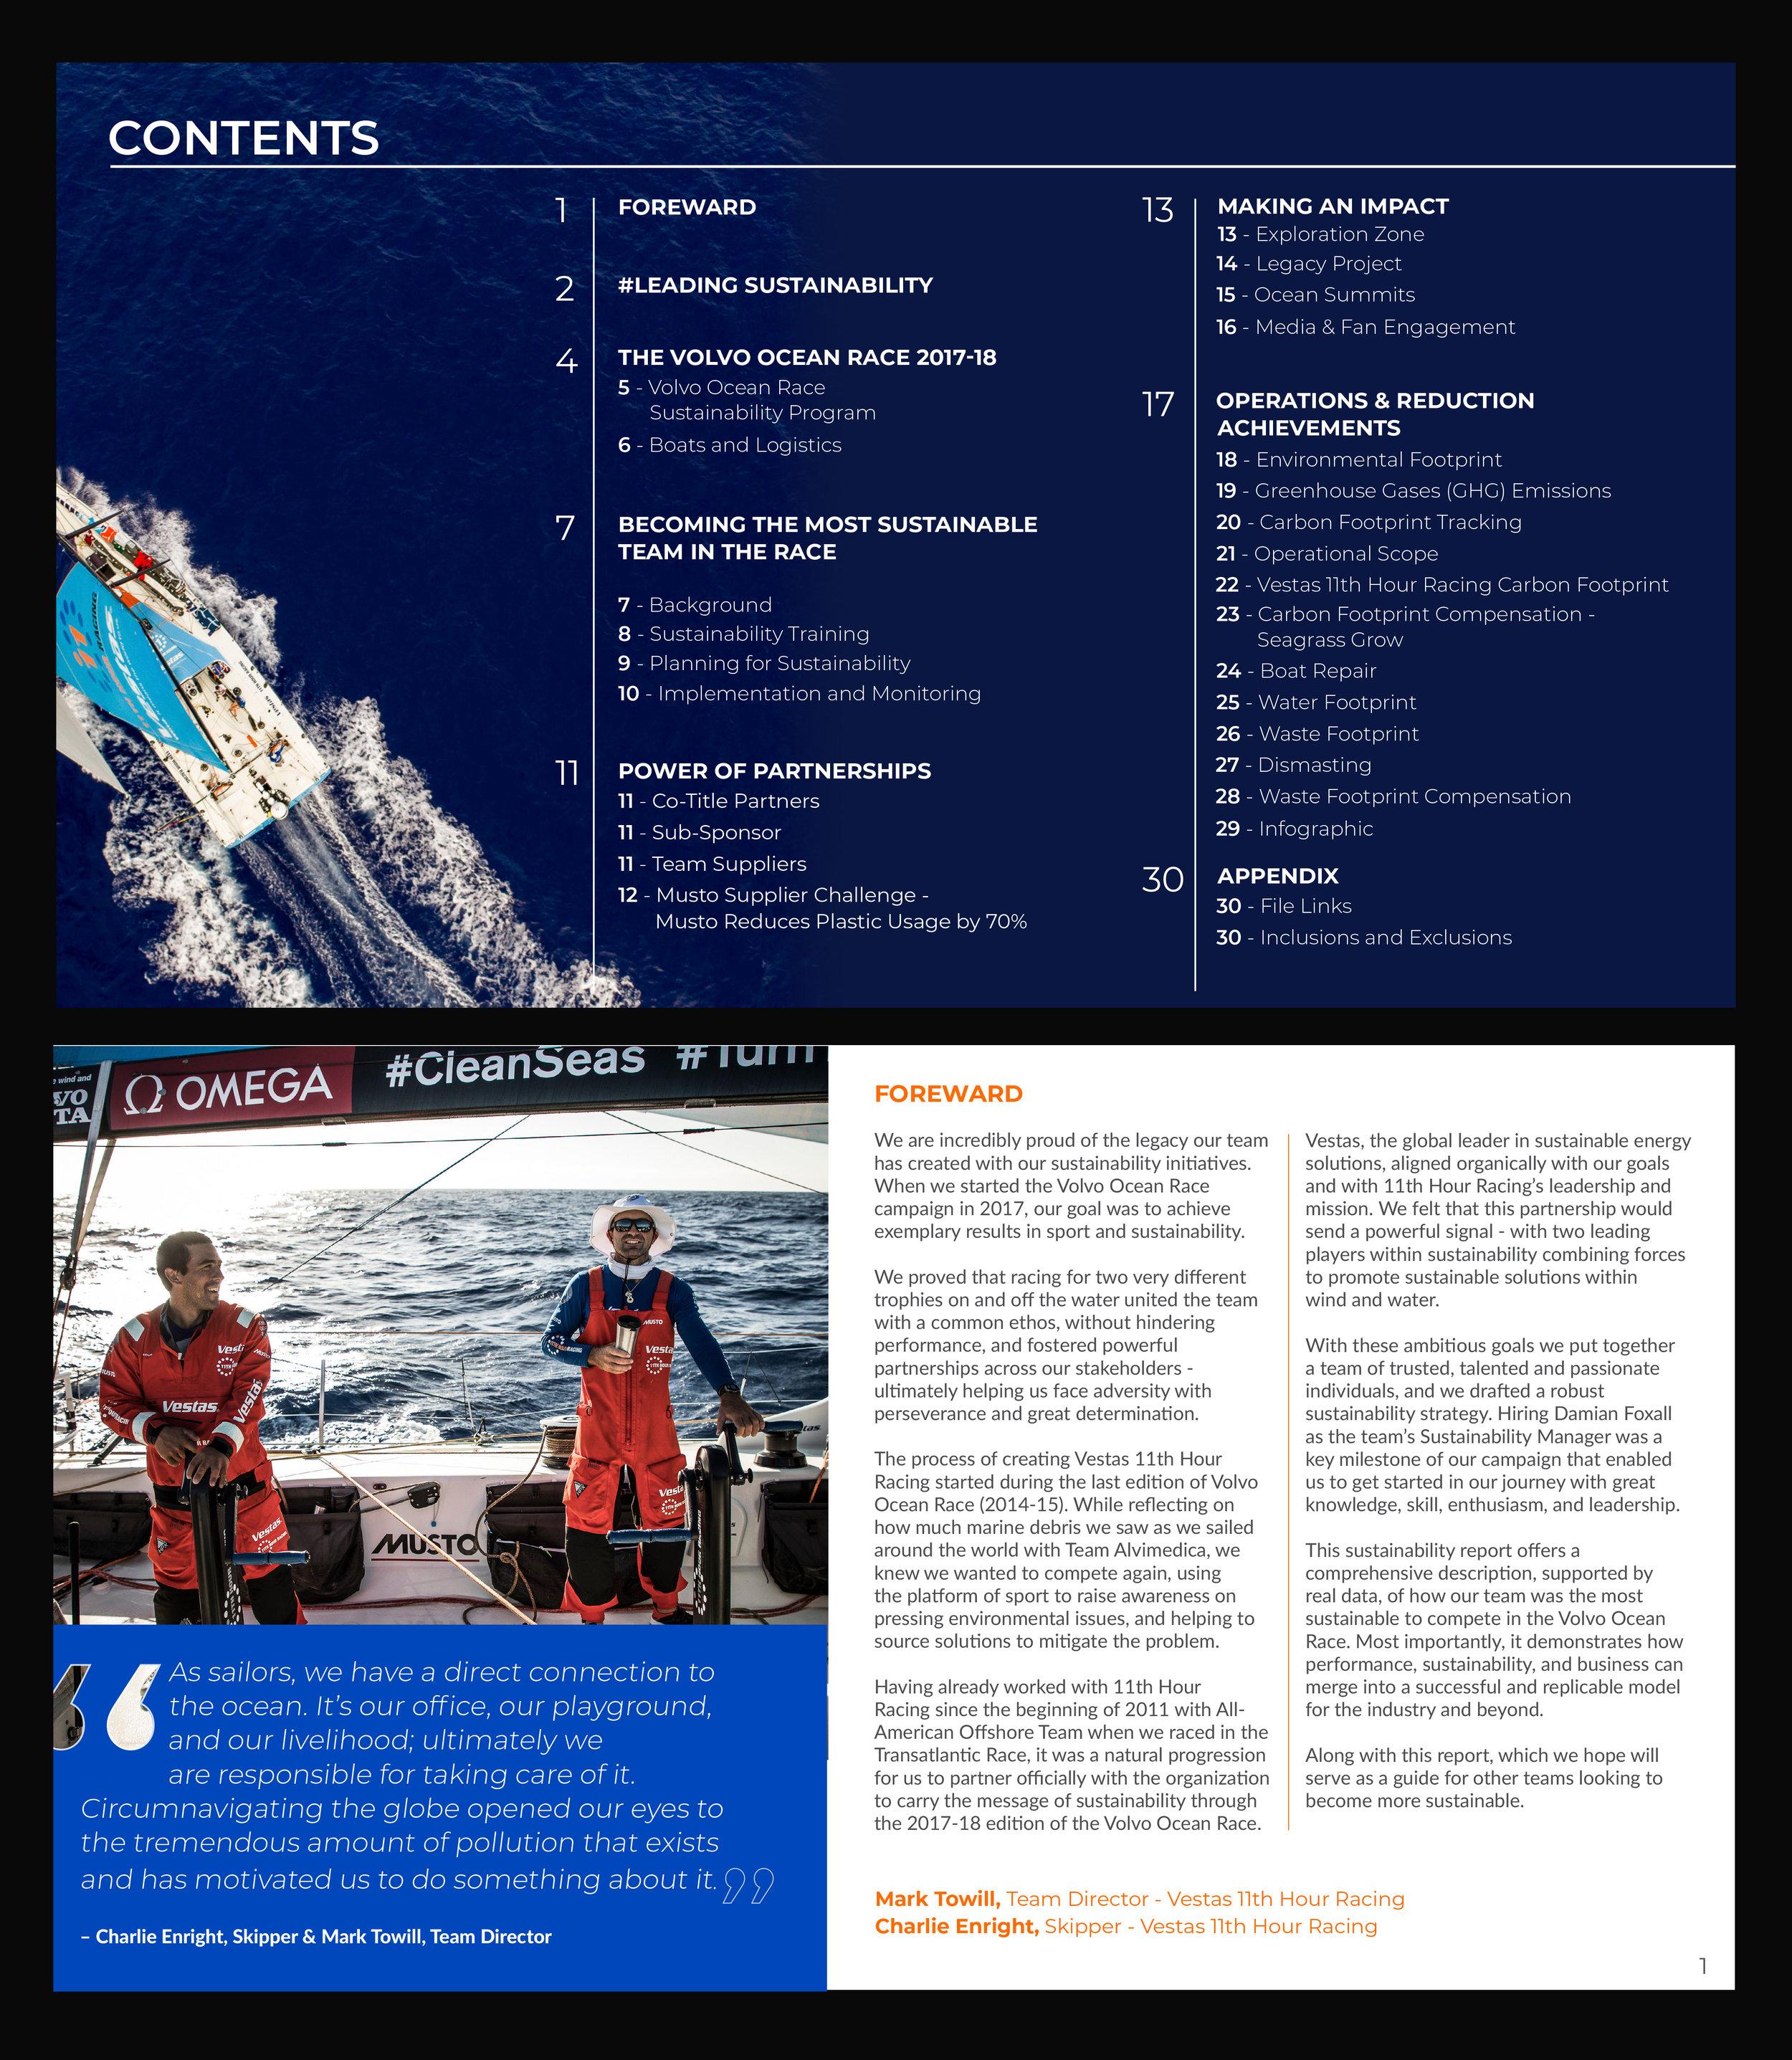 VOR_Page 2 Mockup.jpg